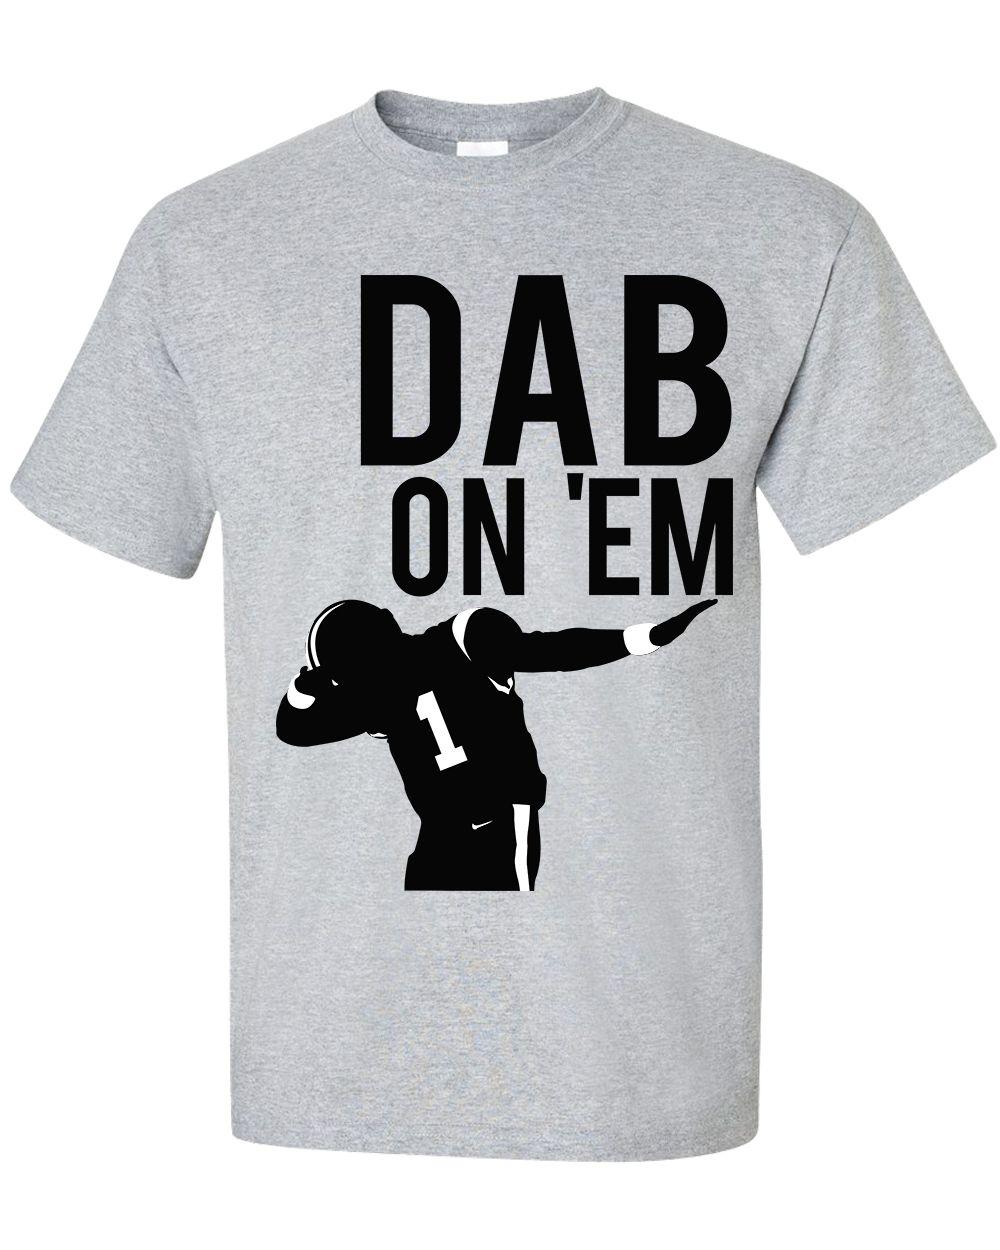 buy online d7e5b bb7f6 aliexpress cam newton dab jersey ab14f 277c7